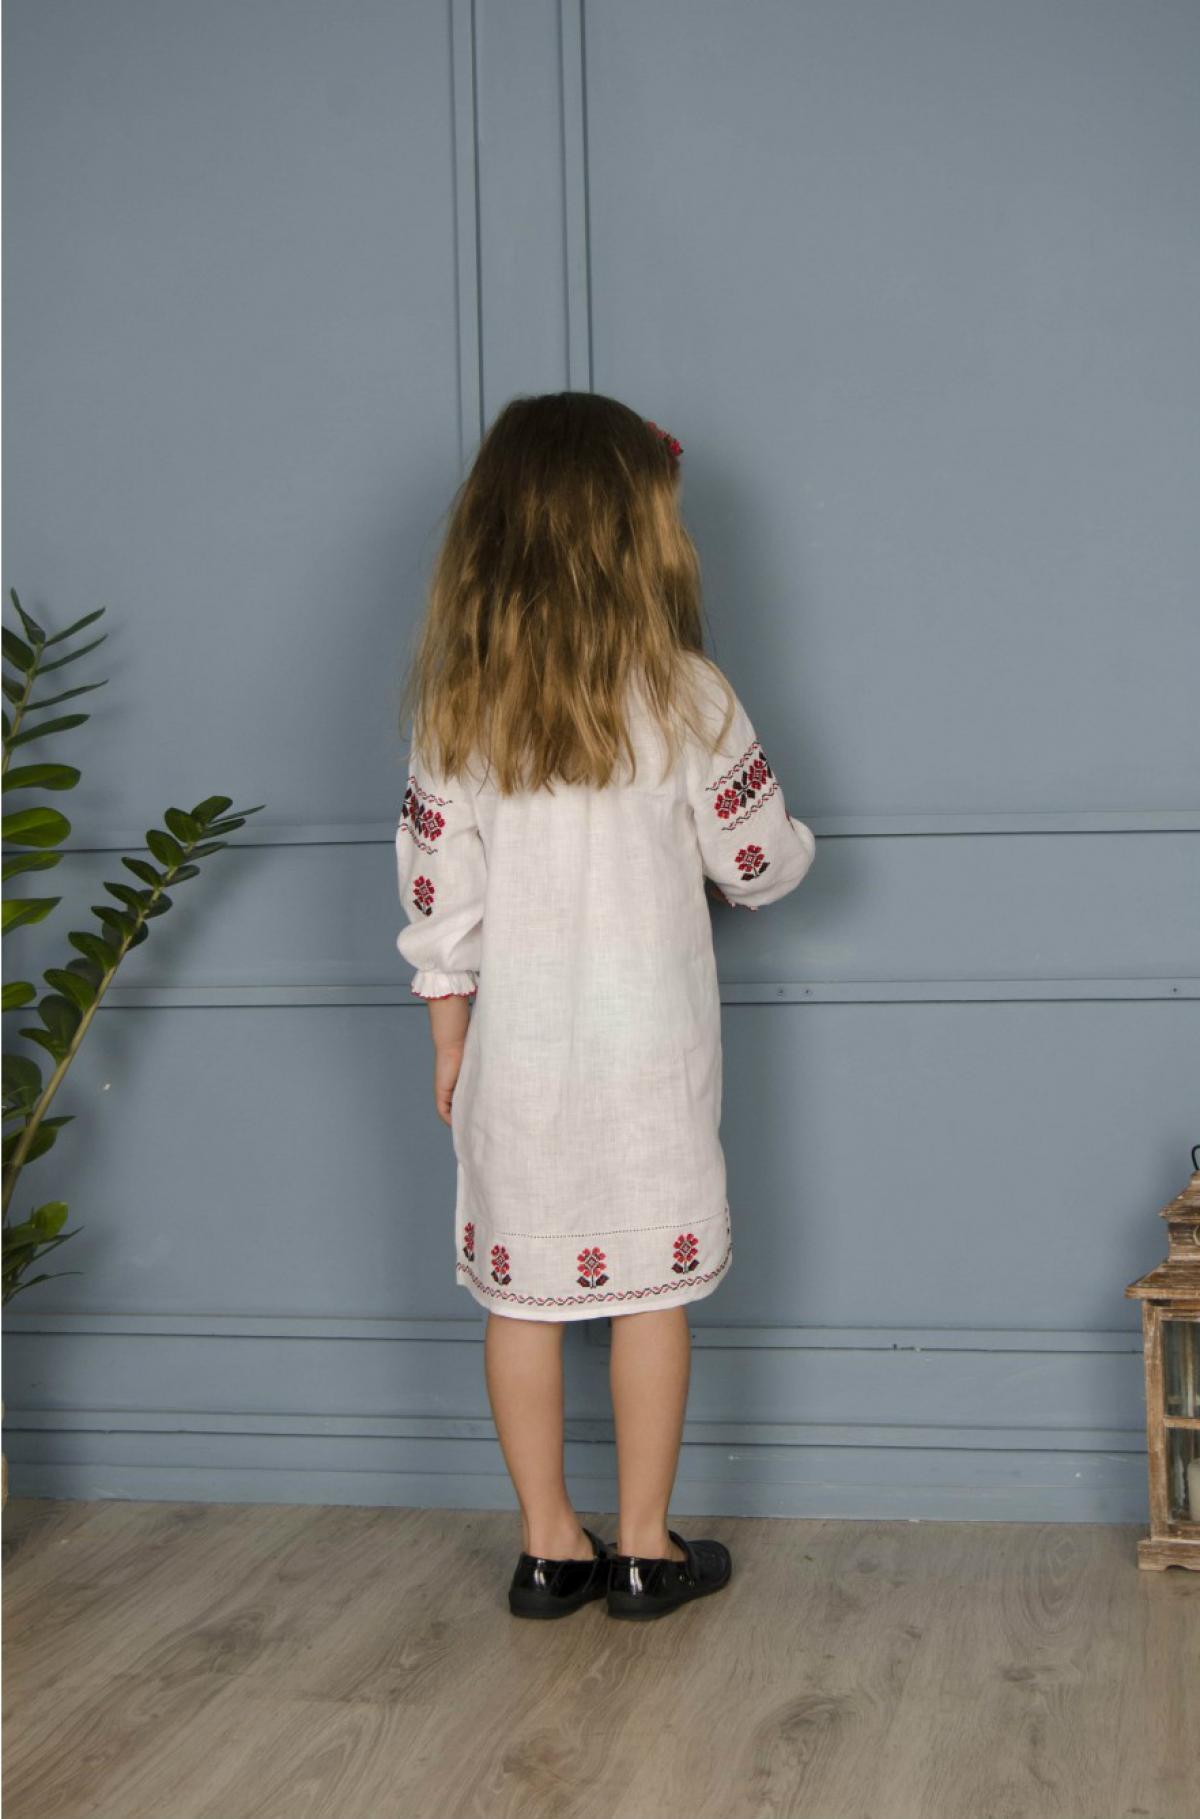 Біла вишита сукня для дівчинки з червоними вишитими квітами. Фото №2. | Народний дім Україна